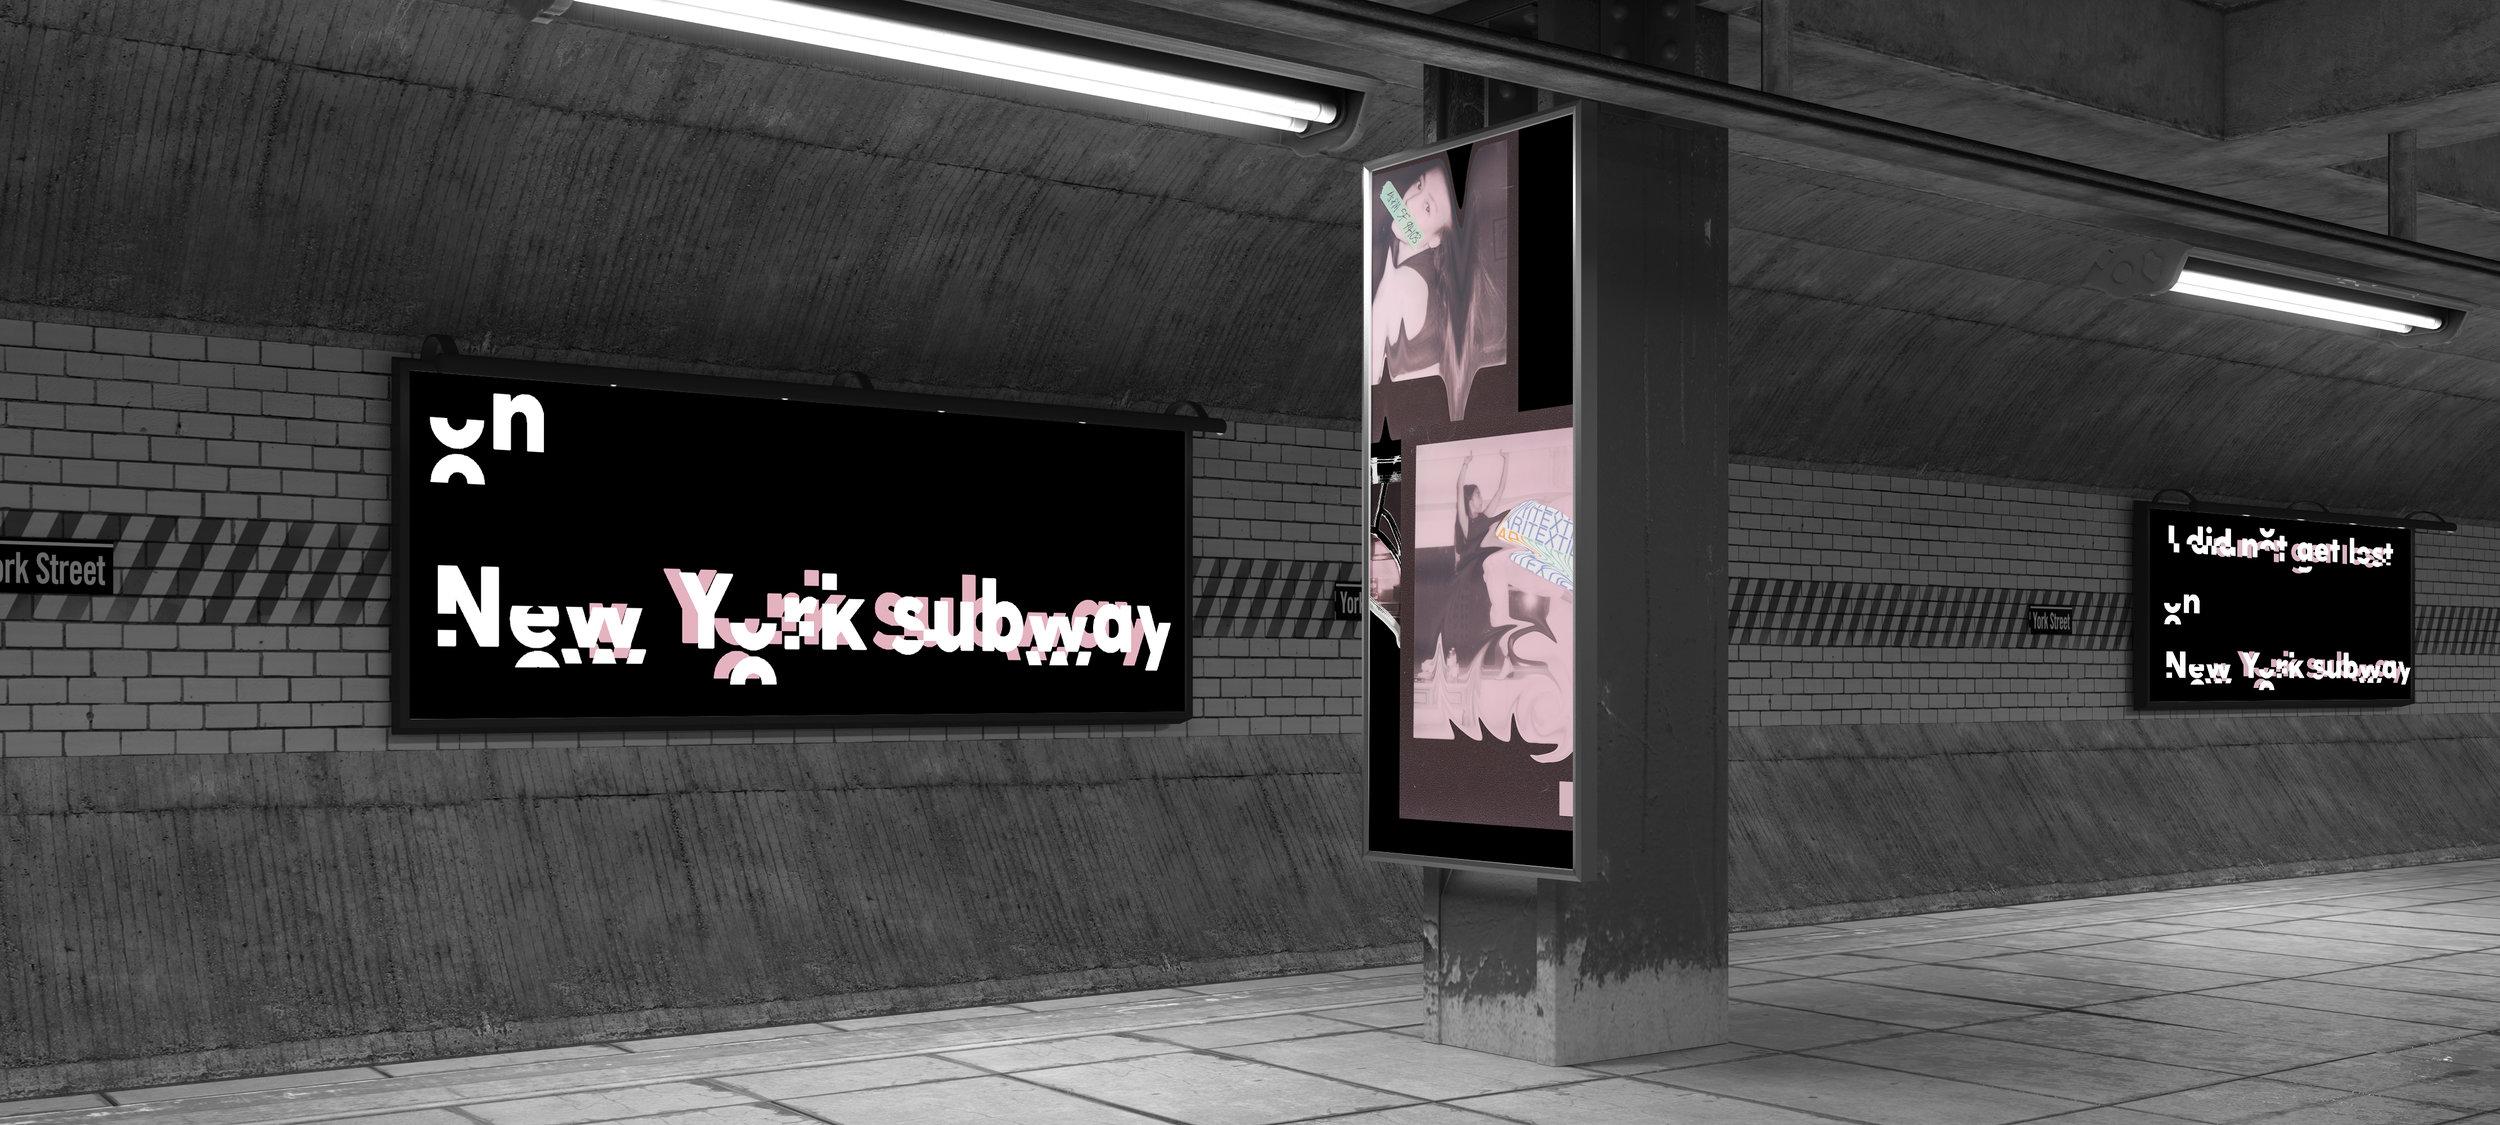 Subway_Station_Mockup3.jpg